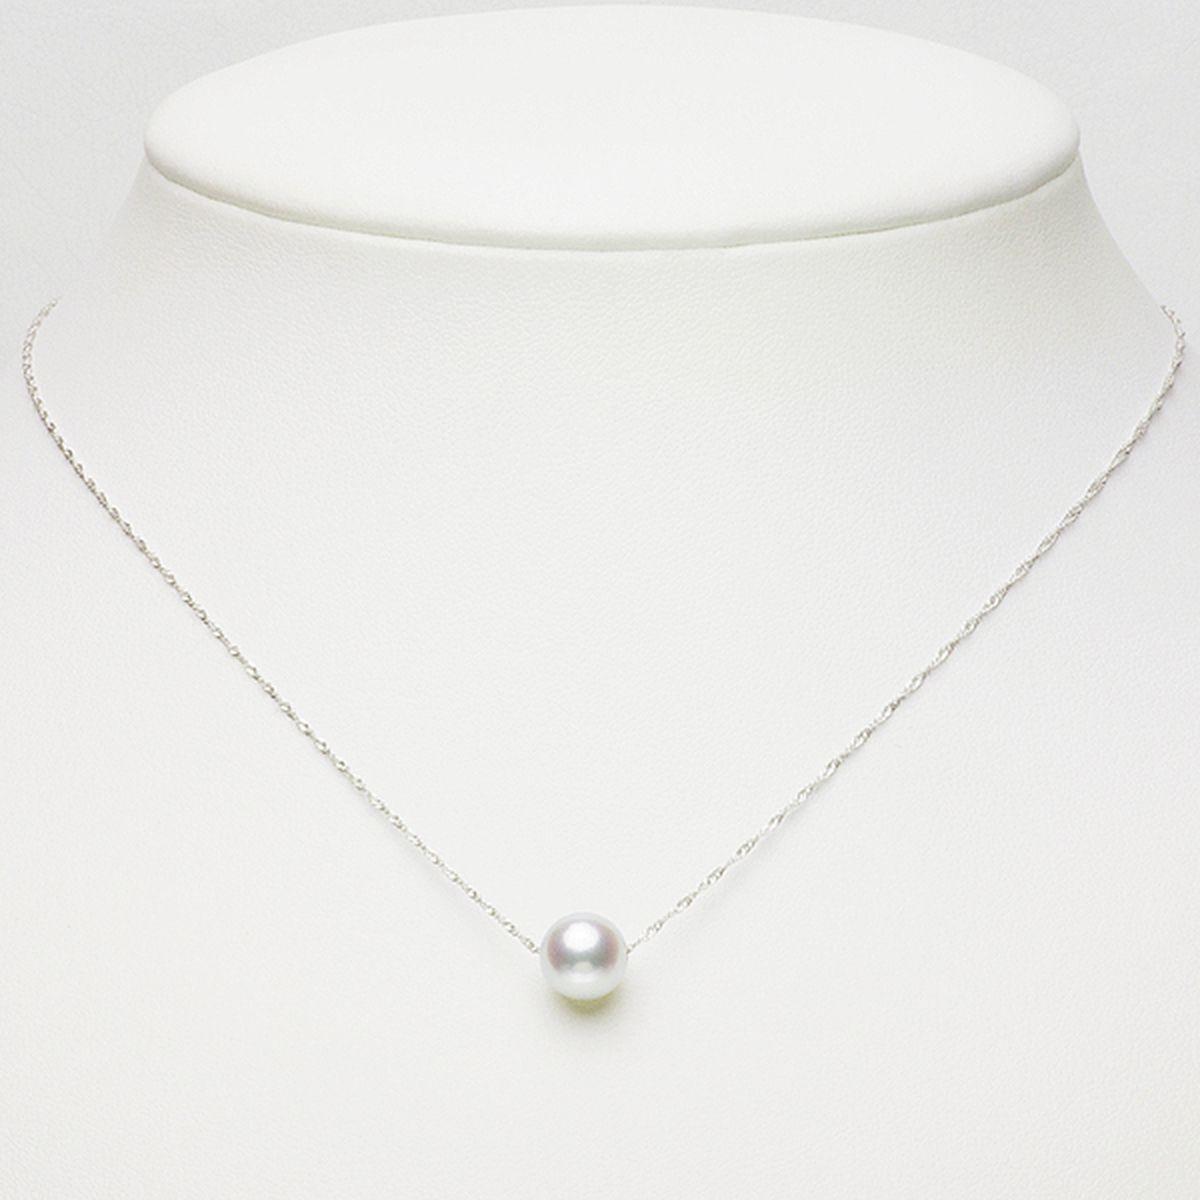 アコヤ 真珠 パール ペンダント 約8.0mm ホワイトゴールド K14WG パール ギフト プレゼント 6月誕生石真珠の写真